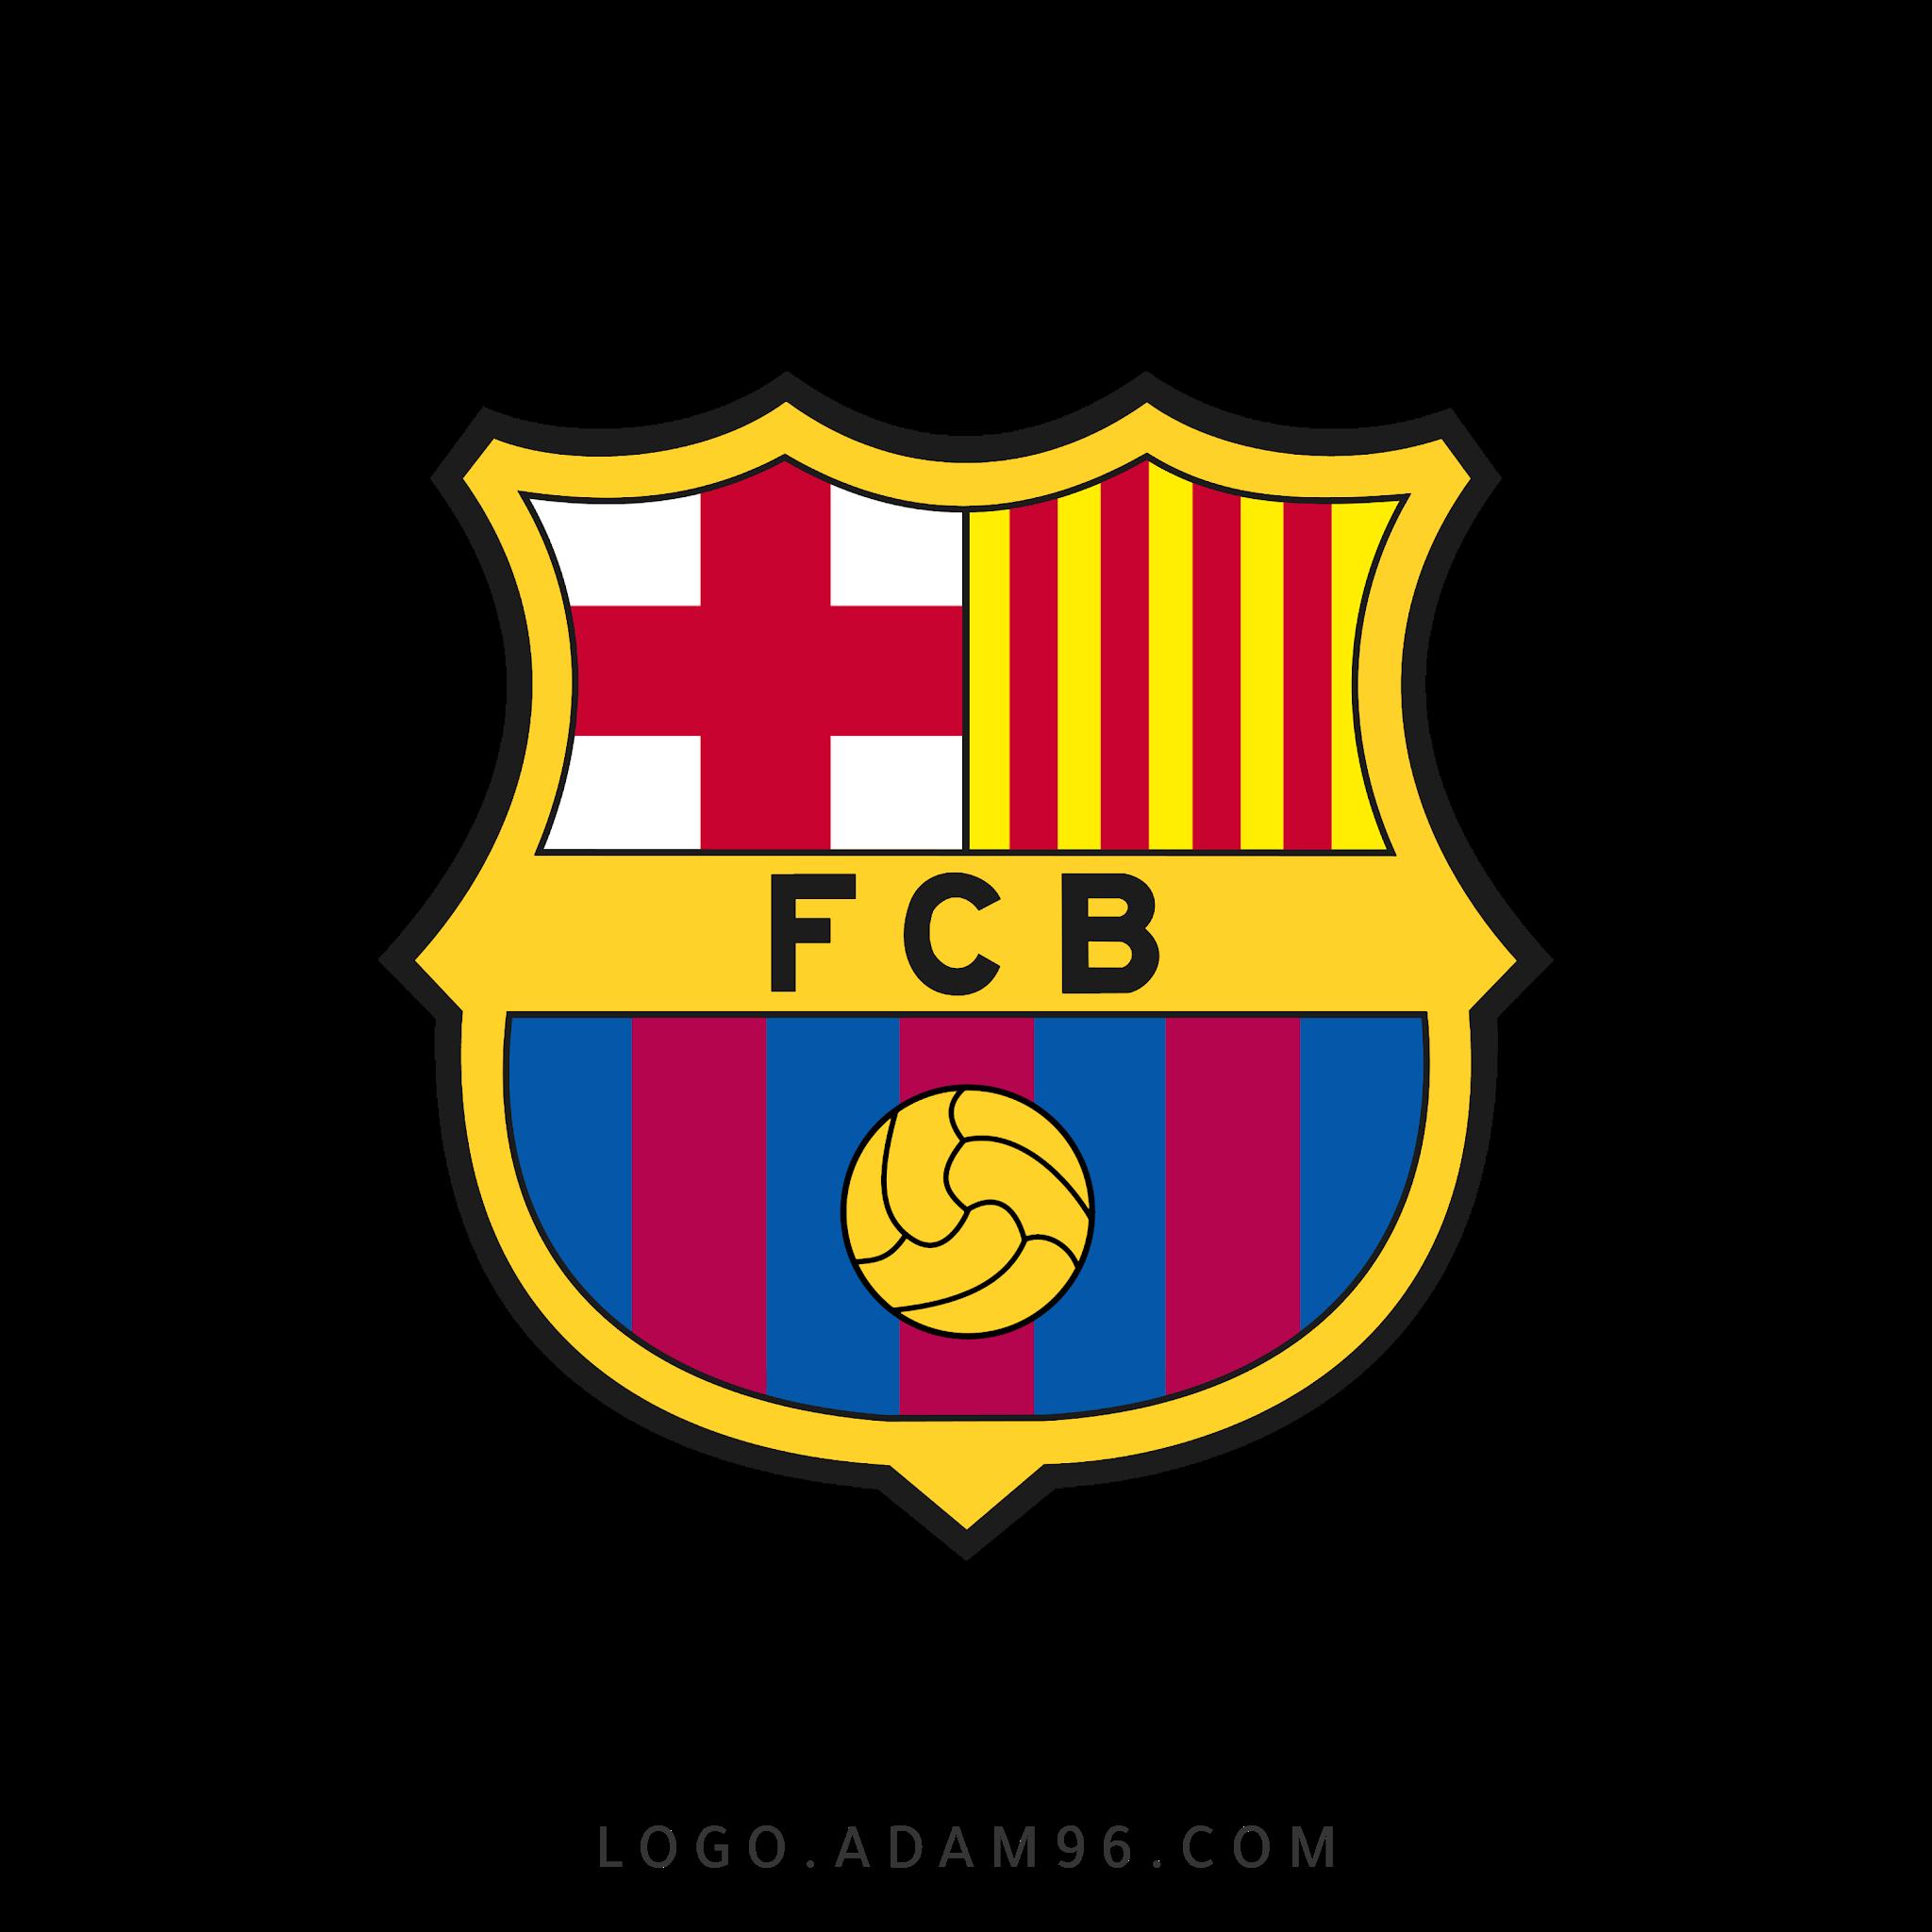 تحميل شعار نادي برشلونة لوجو نادي برشلونة لكرة القدم بصيغة شفافة Logo FC Barcelona PNG